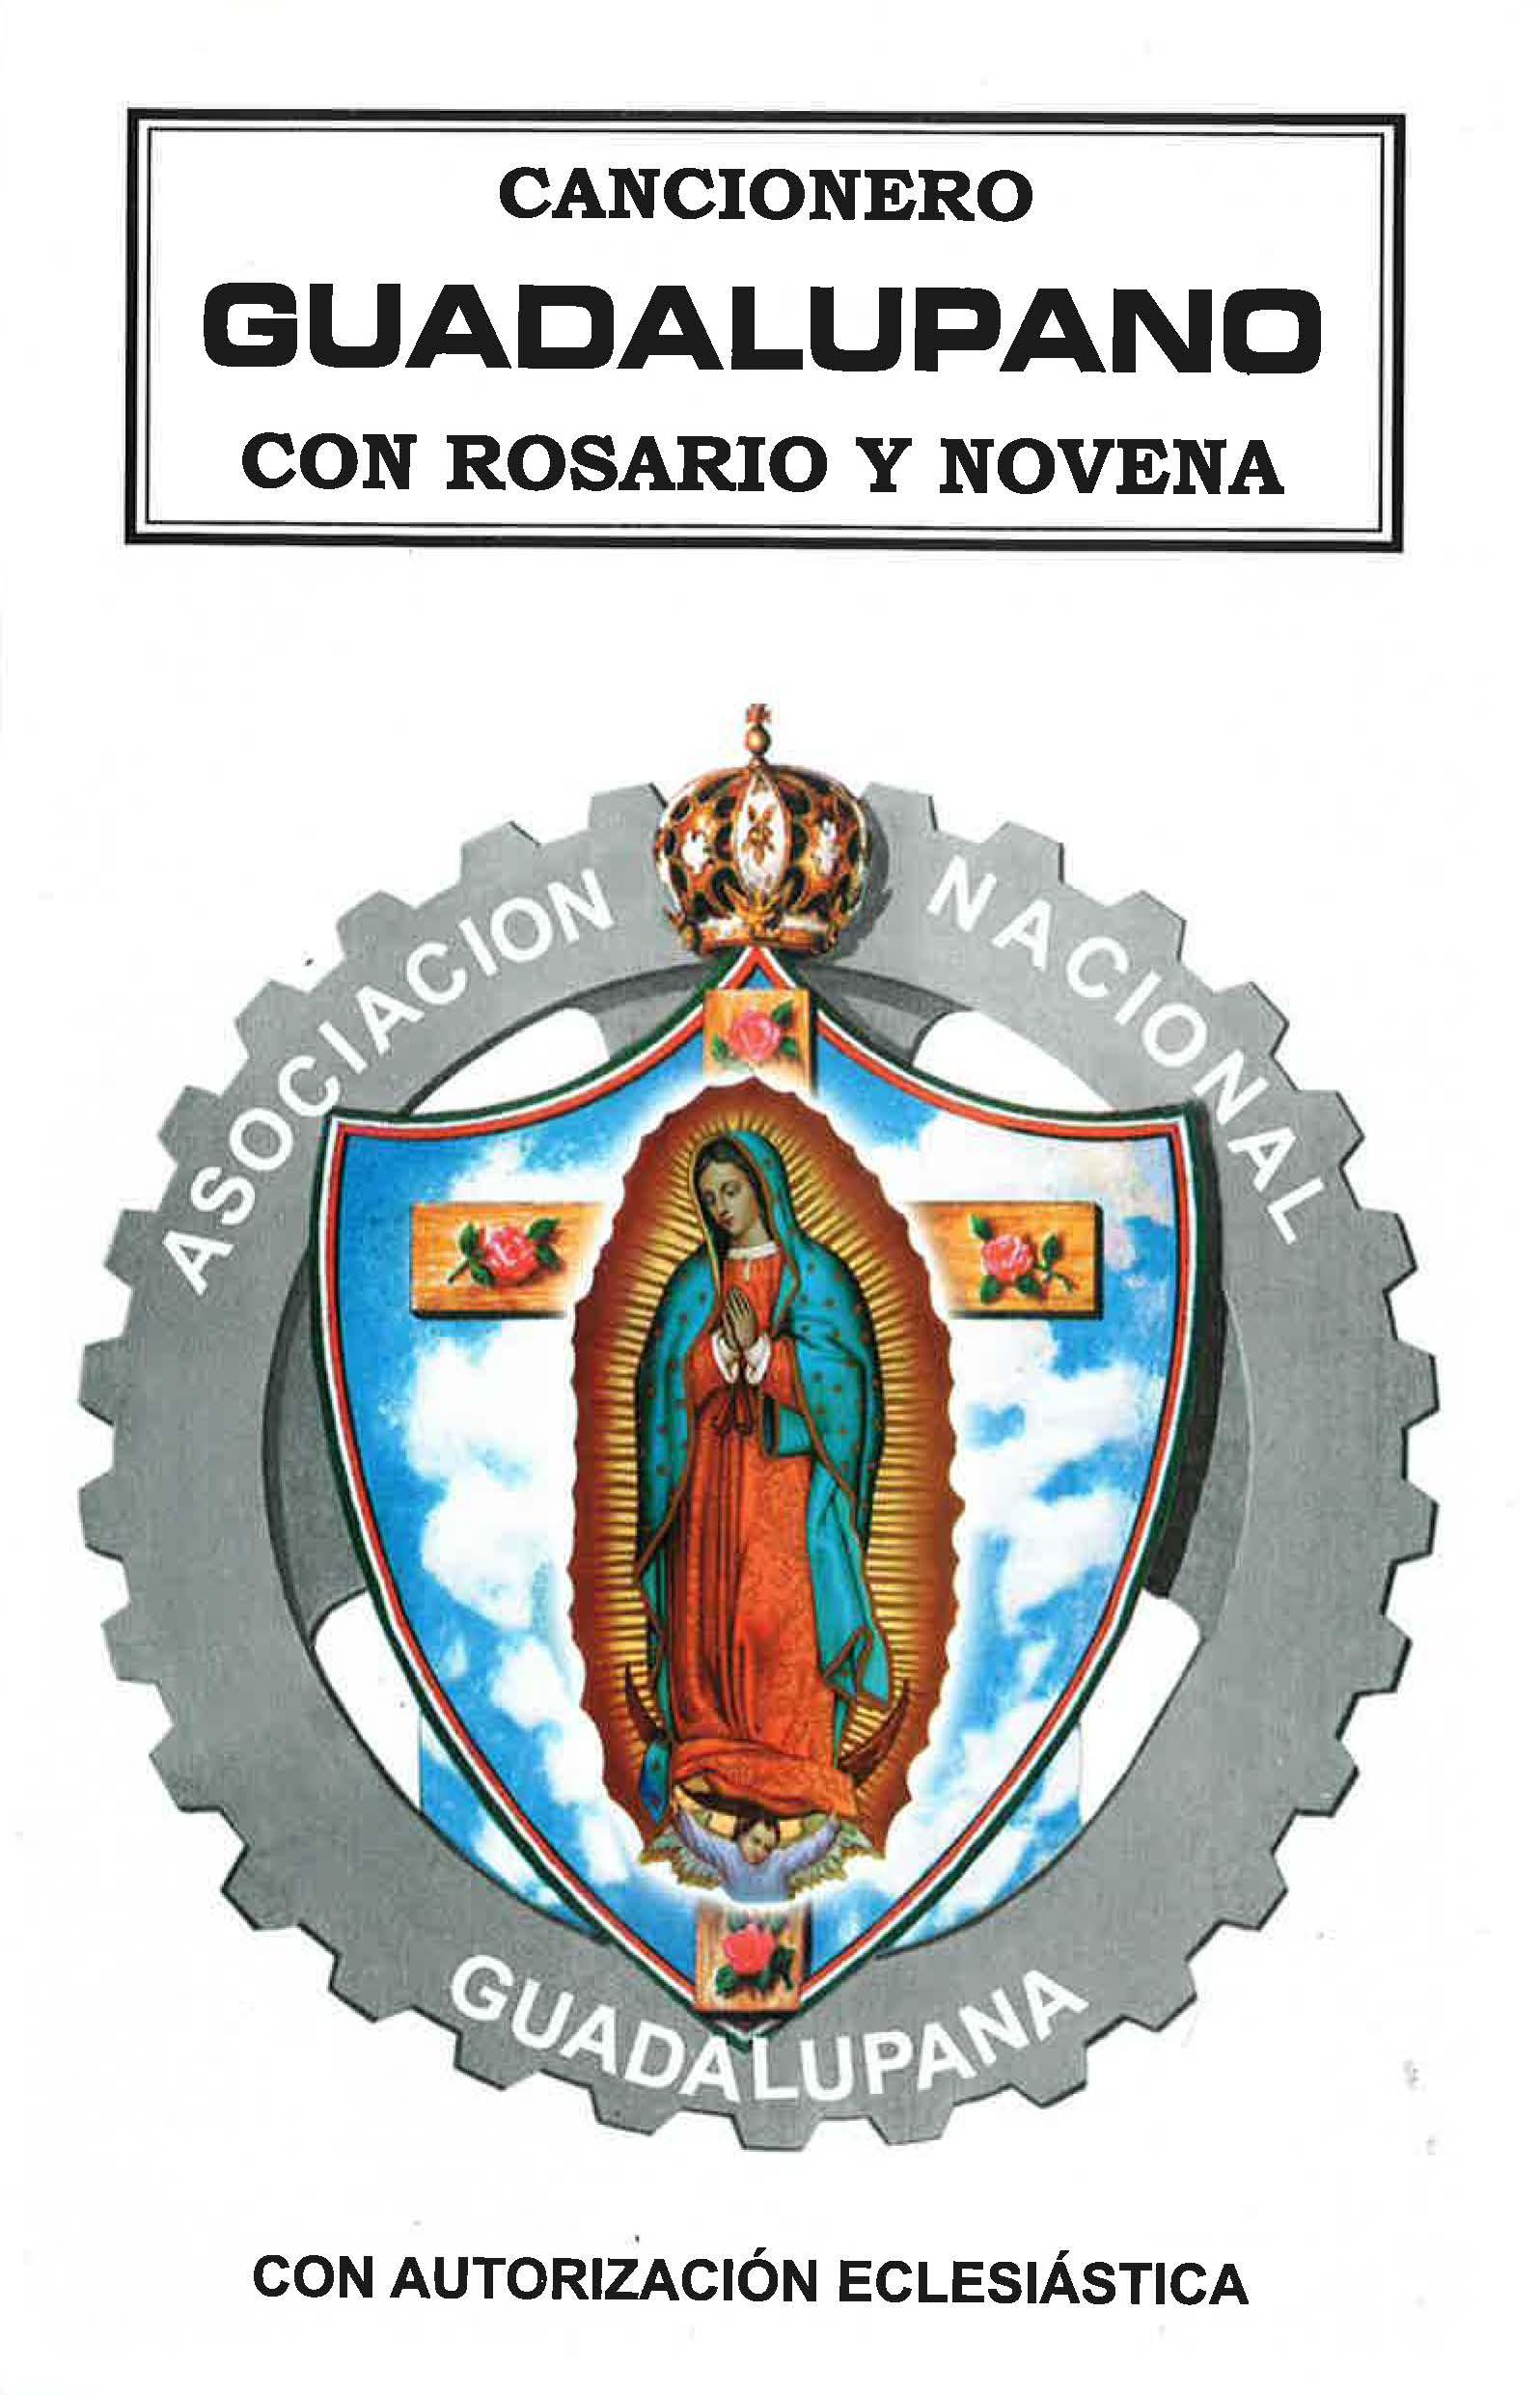 Cancionero Guadalupano